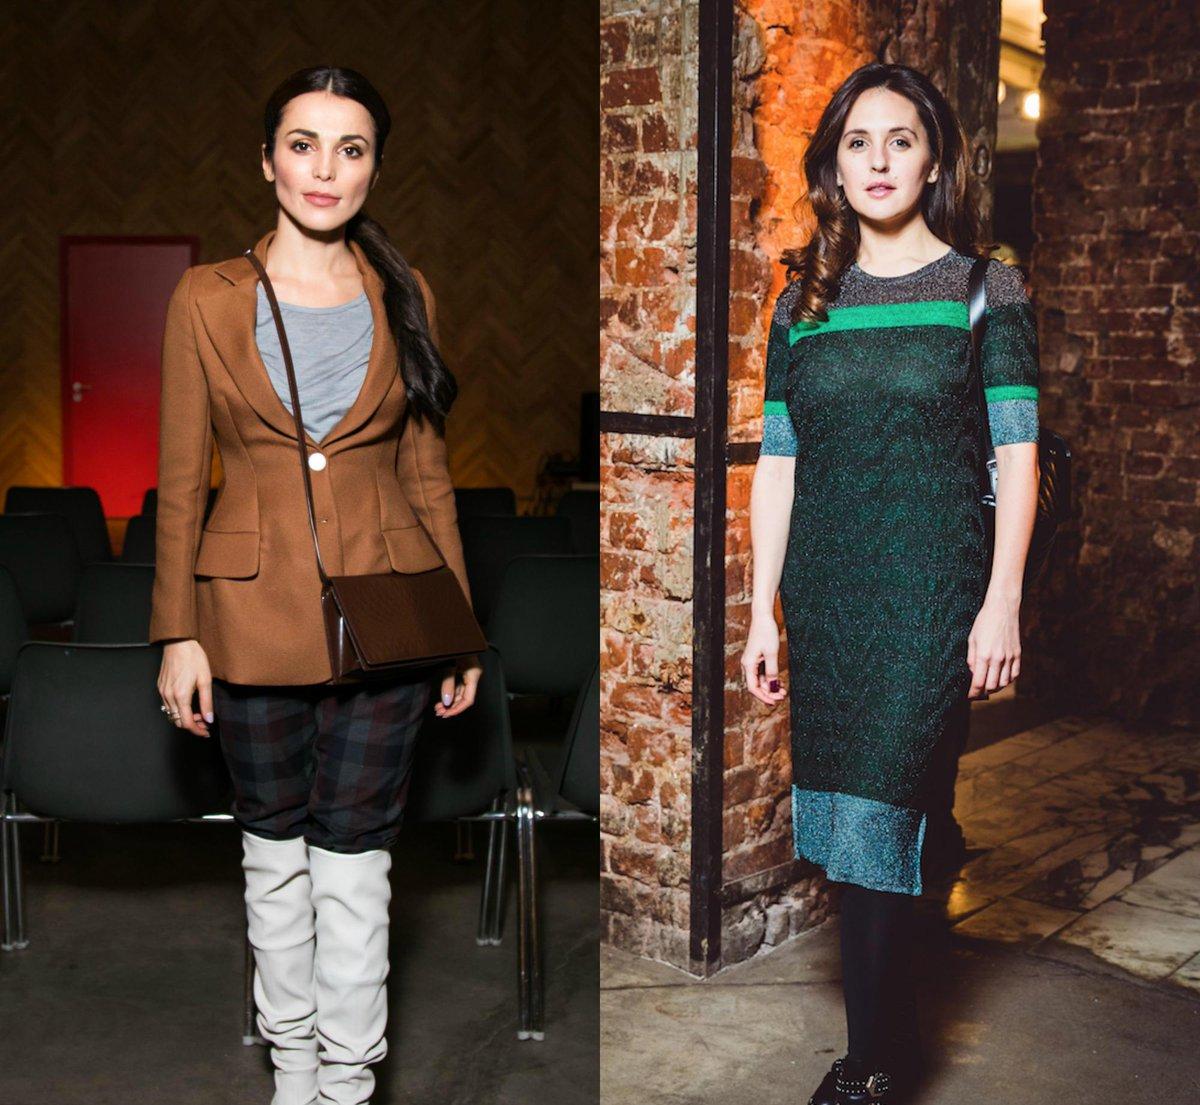 Платье с люрексом и ботфорты: в чем звезды пришли на премьеру в...